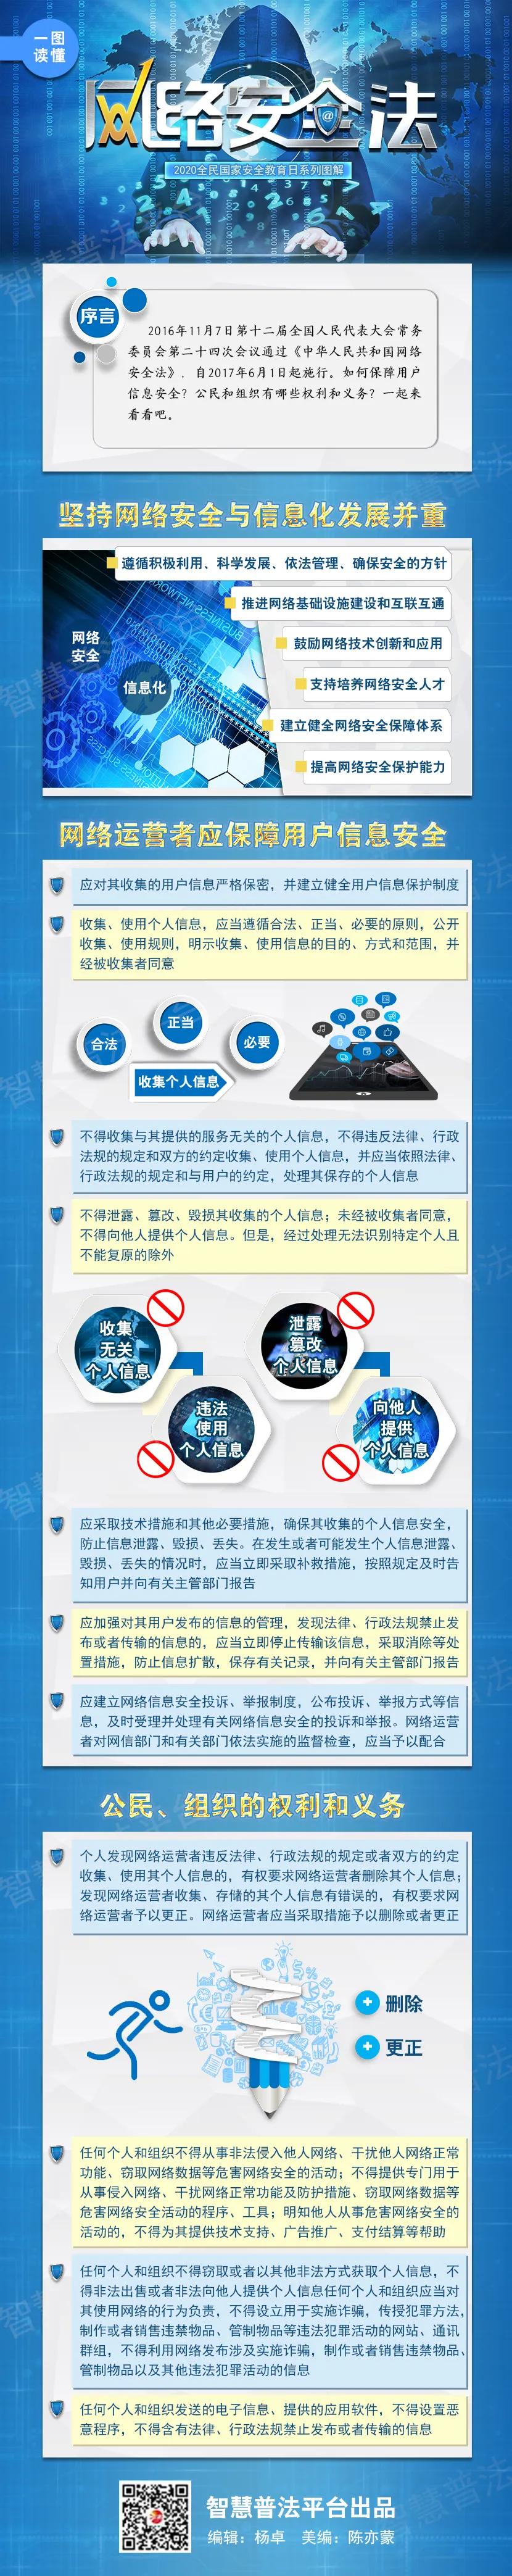 一图读懂丨中华人民共和国网络安全法